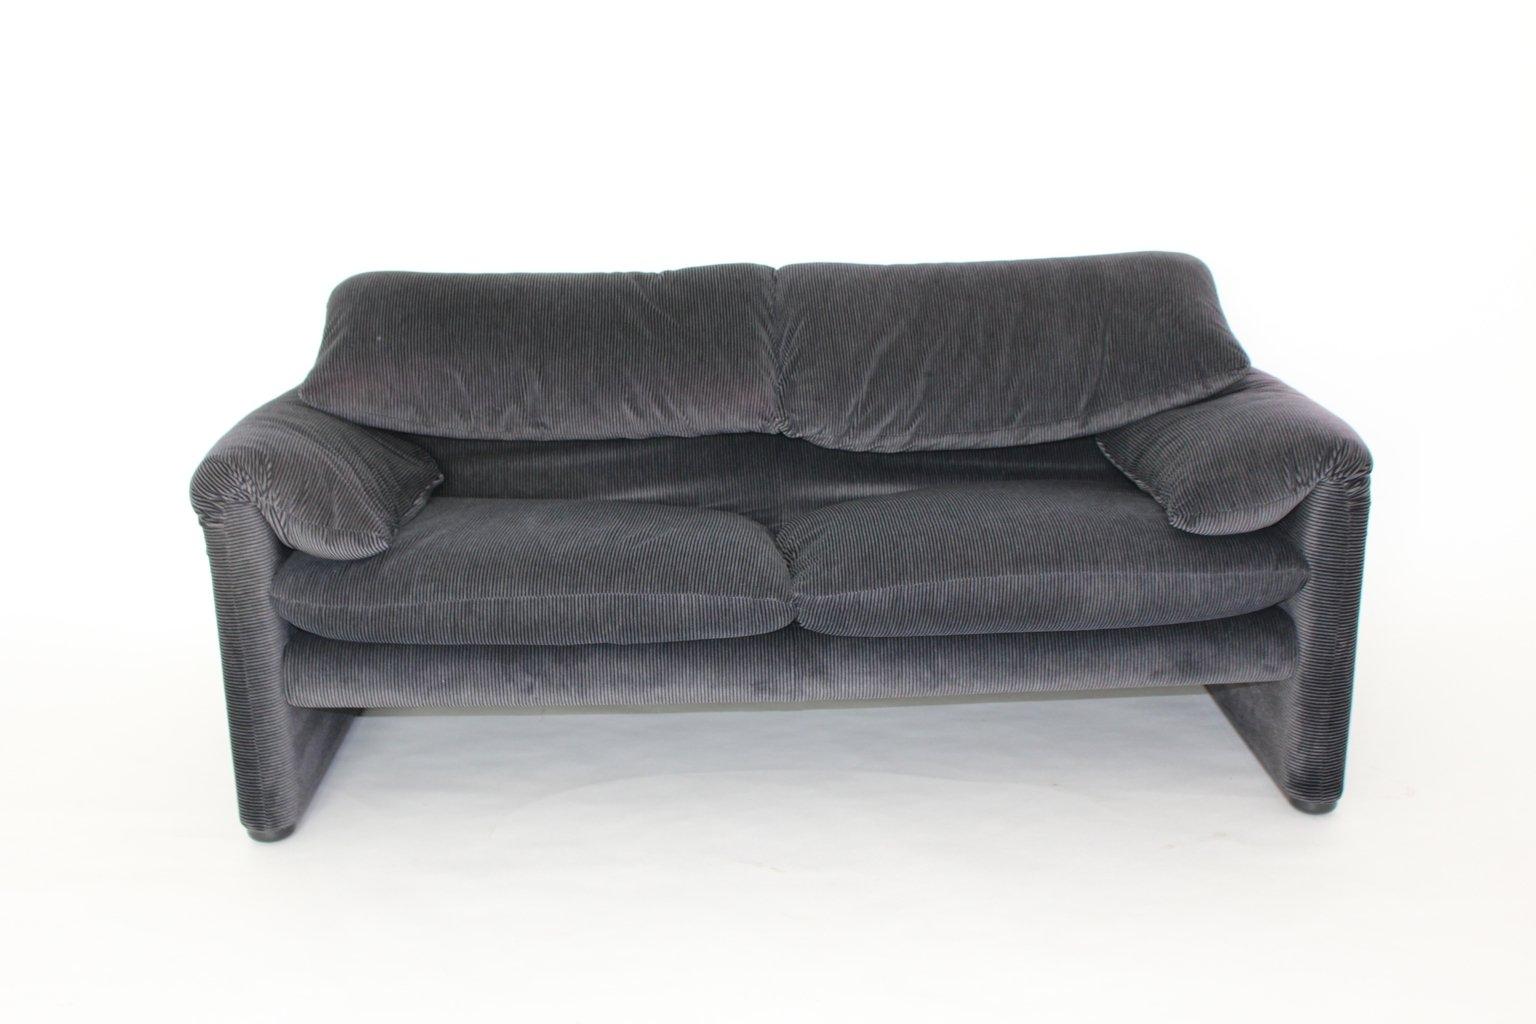 2 sitzer sofa maralunga von vico magistretti f r cassina. Black Bedroom Furniture Sets. Home Design Ideas